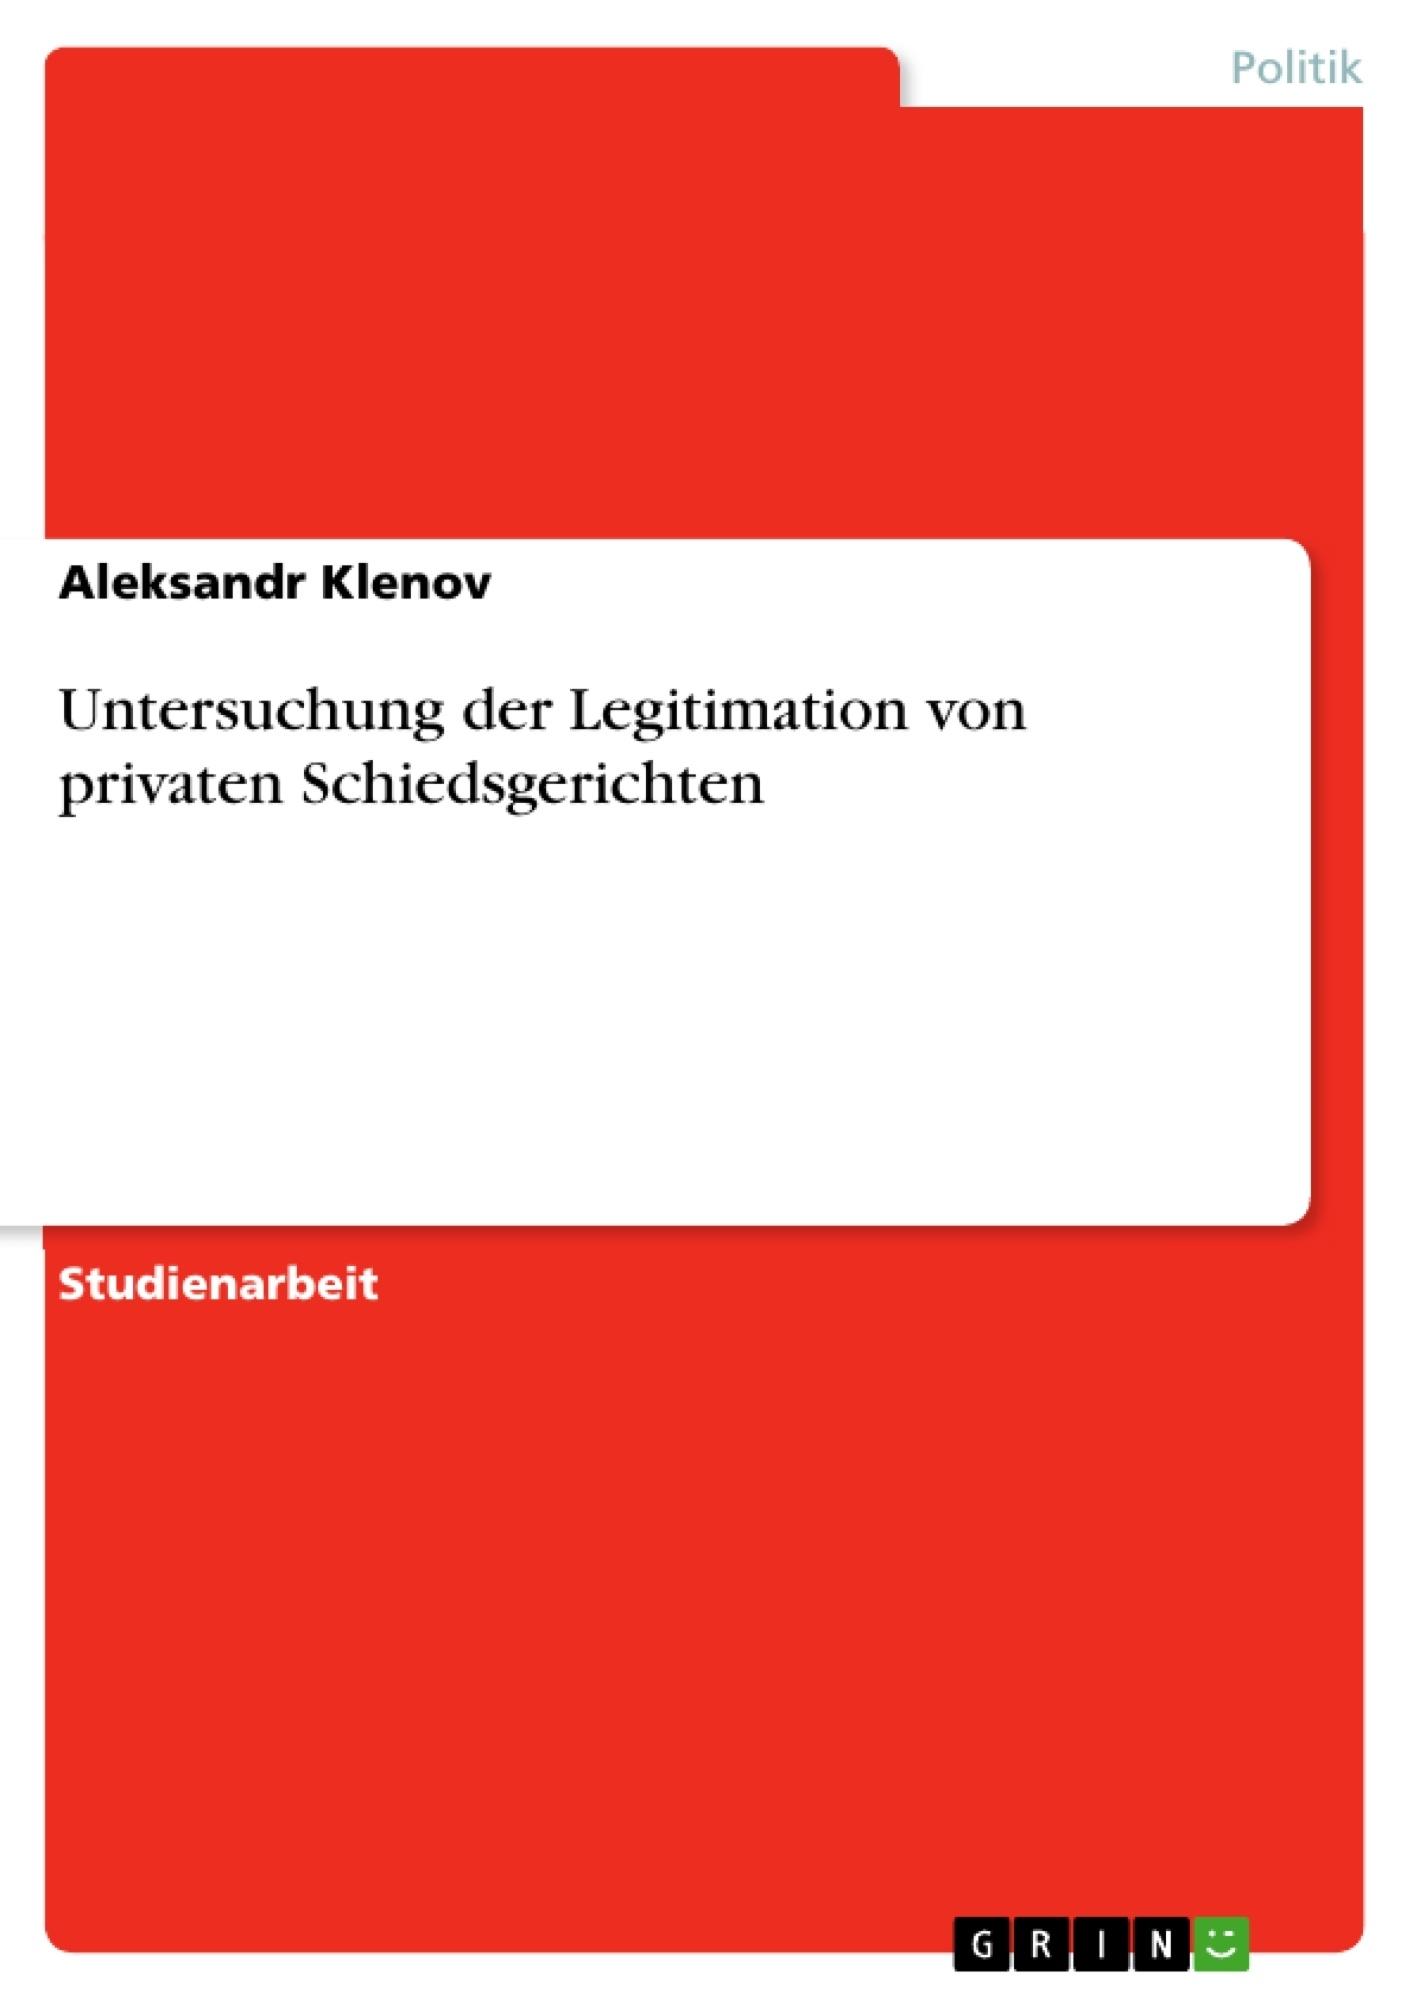 Titel: Untersuchung der Legitimation von privaten Schiedsgerichten